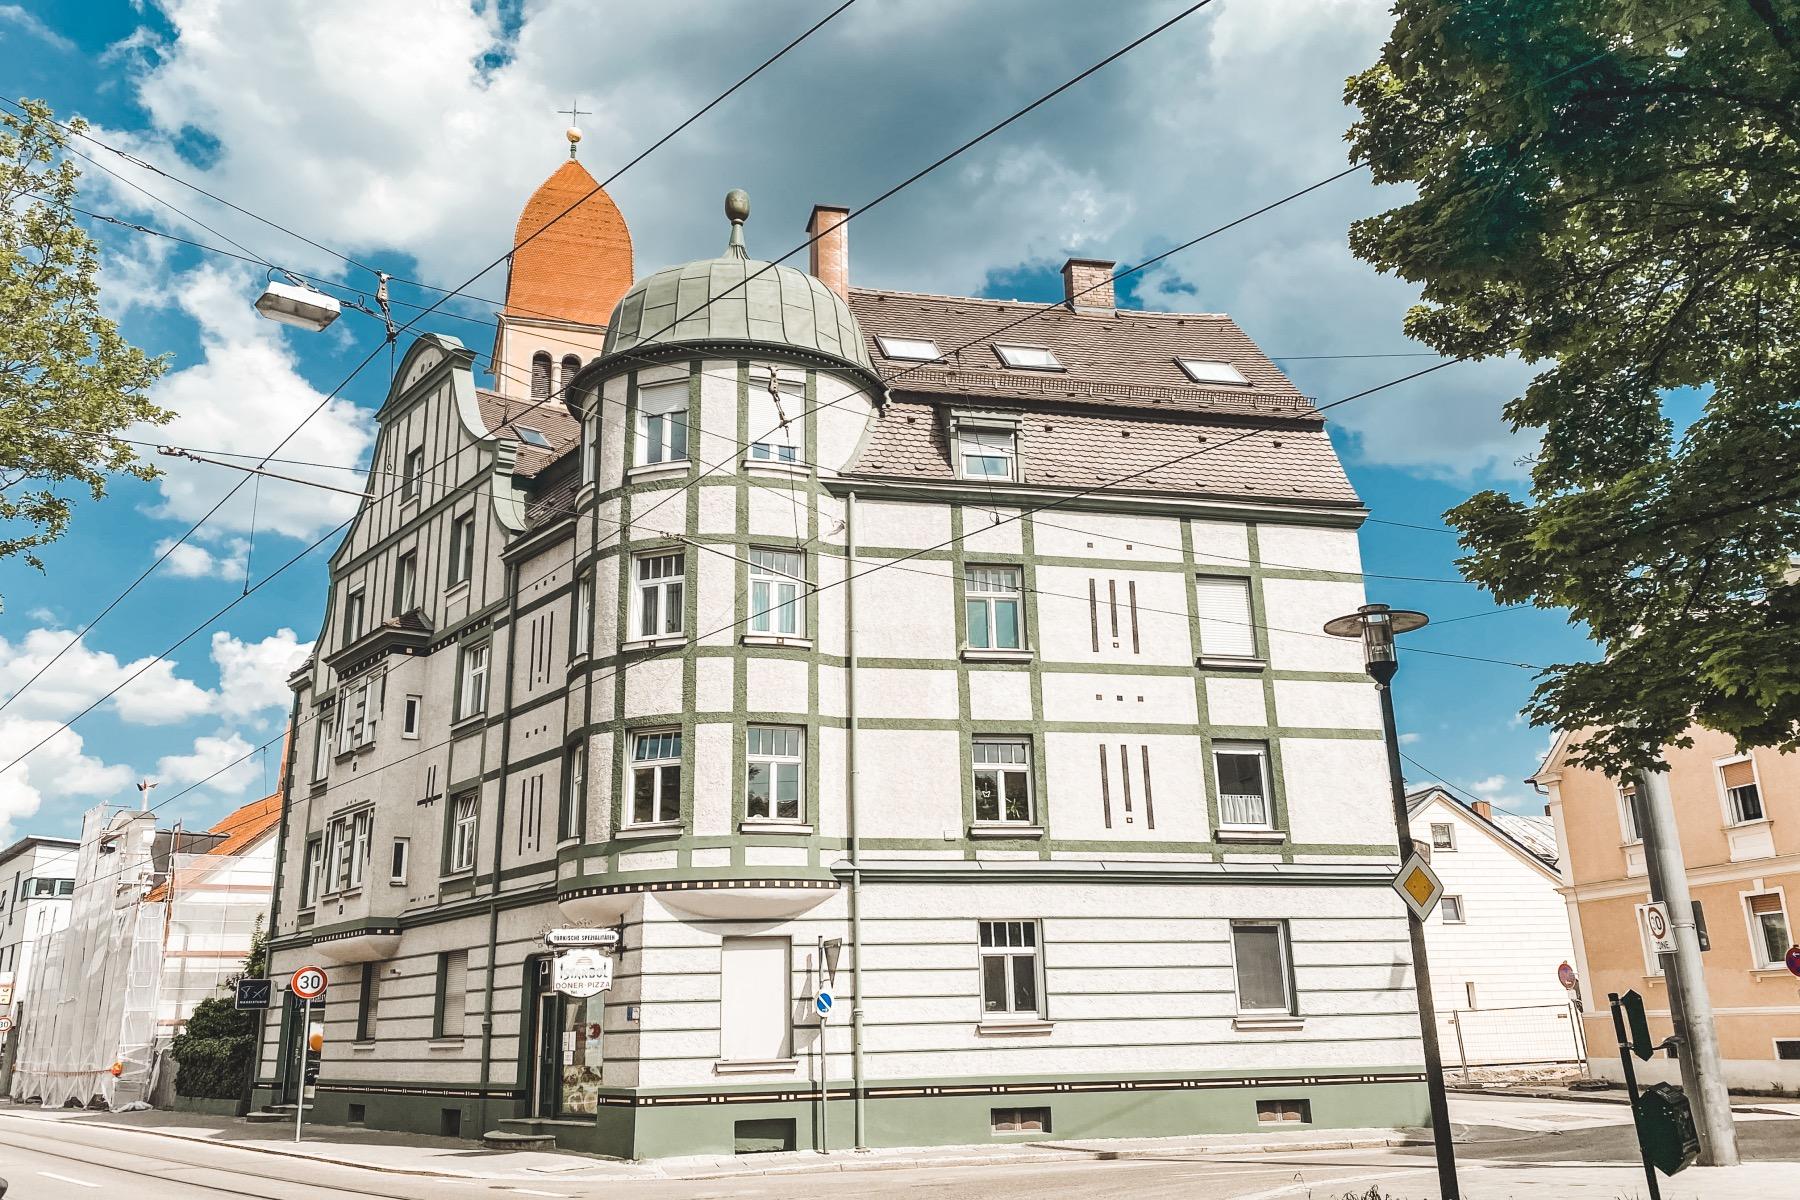 Haus an der Ecke Augsburgerstraße / Gellertstraße